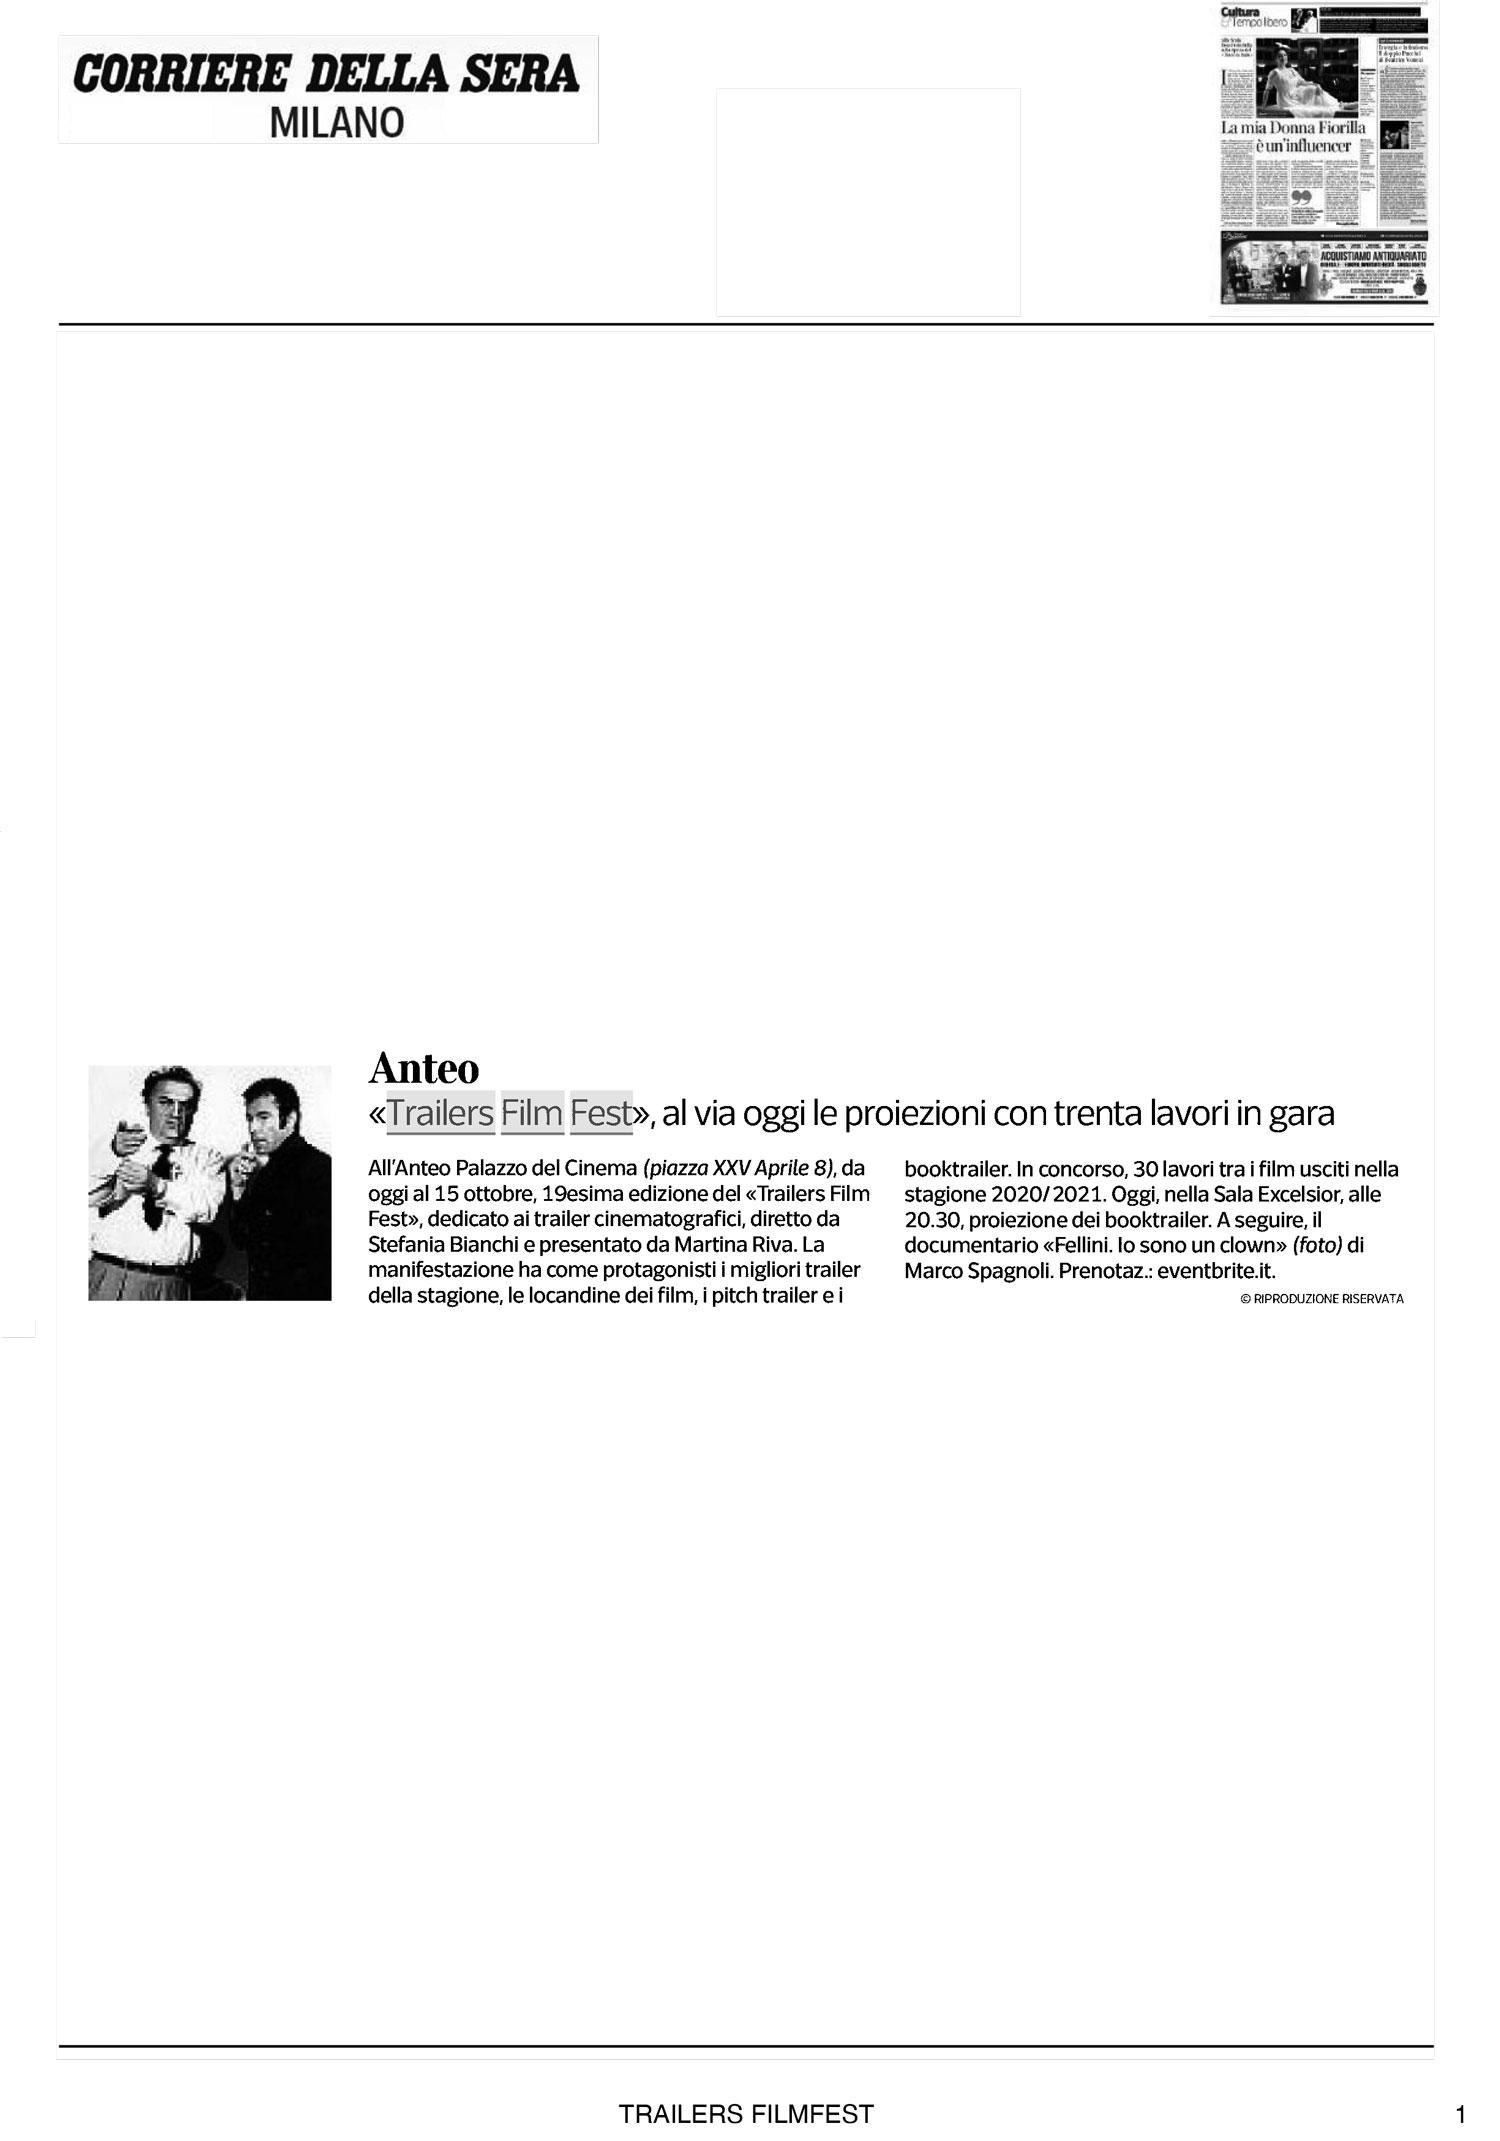 articolo-corriere-sera-milano